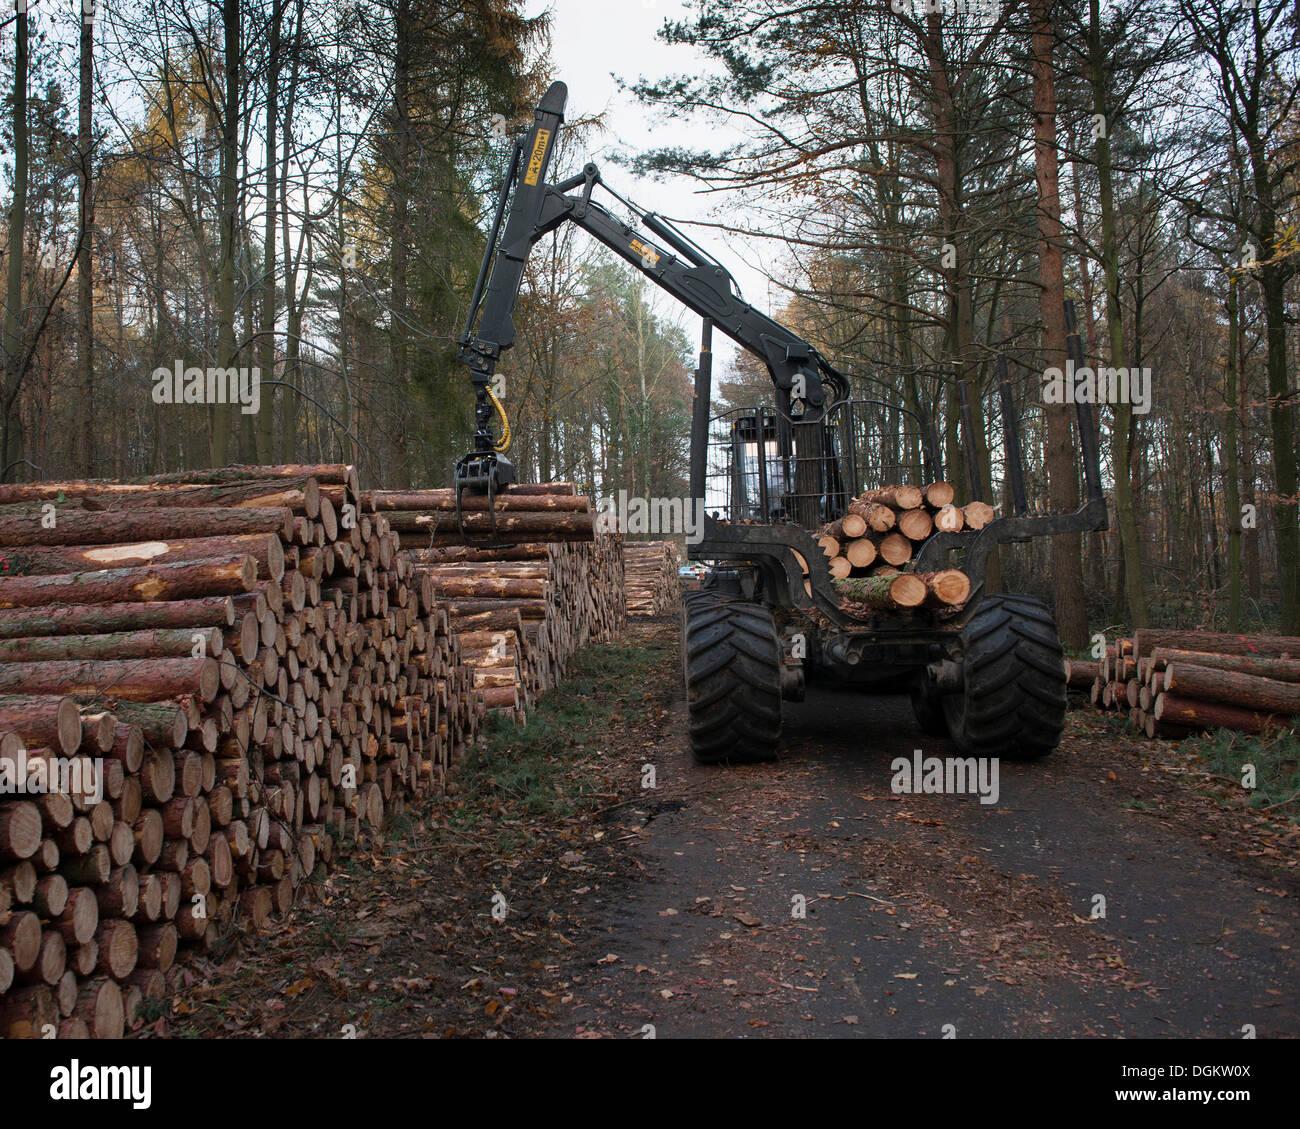 Forestry forwarder harvesting timber, loading stacked logs, Bonn, Rhineland, North Rhine-Westphalia, Germany - Stock Image